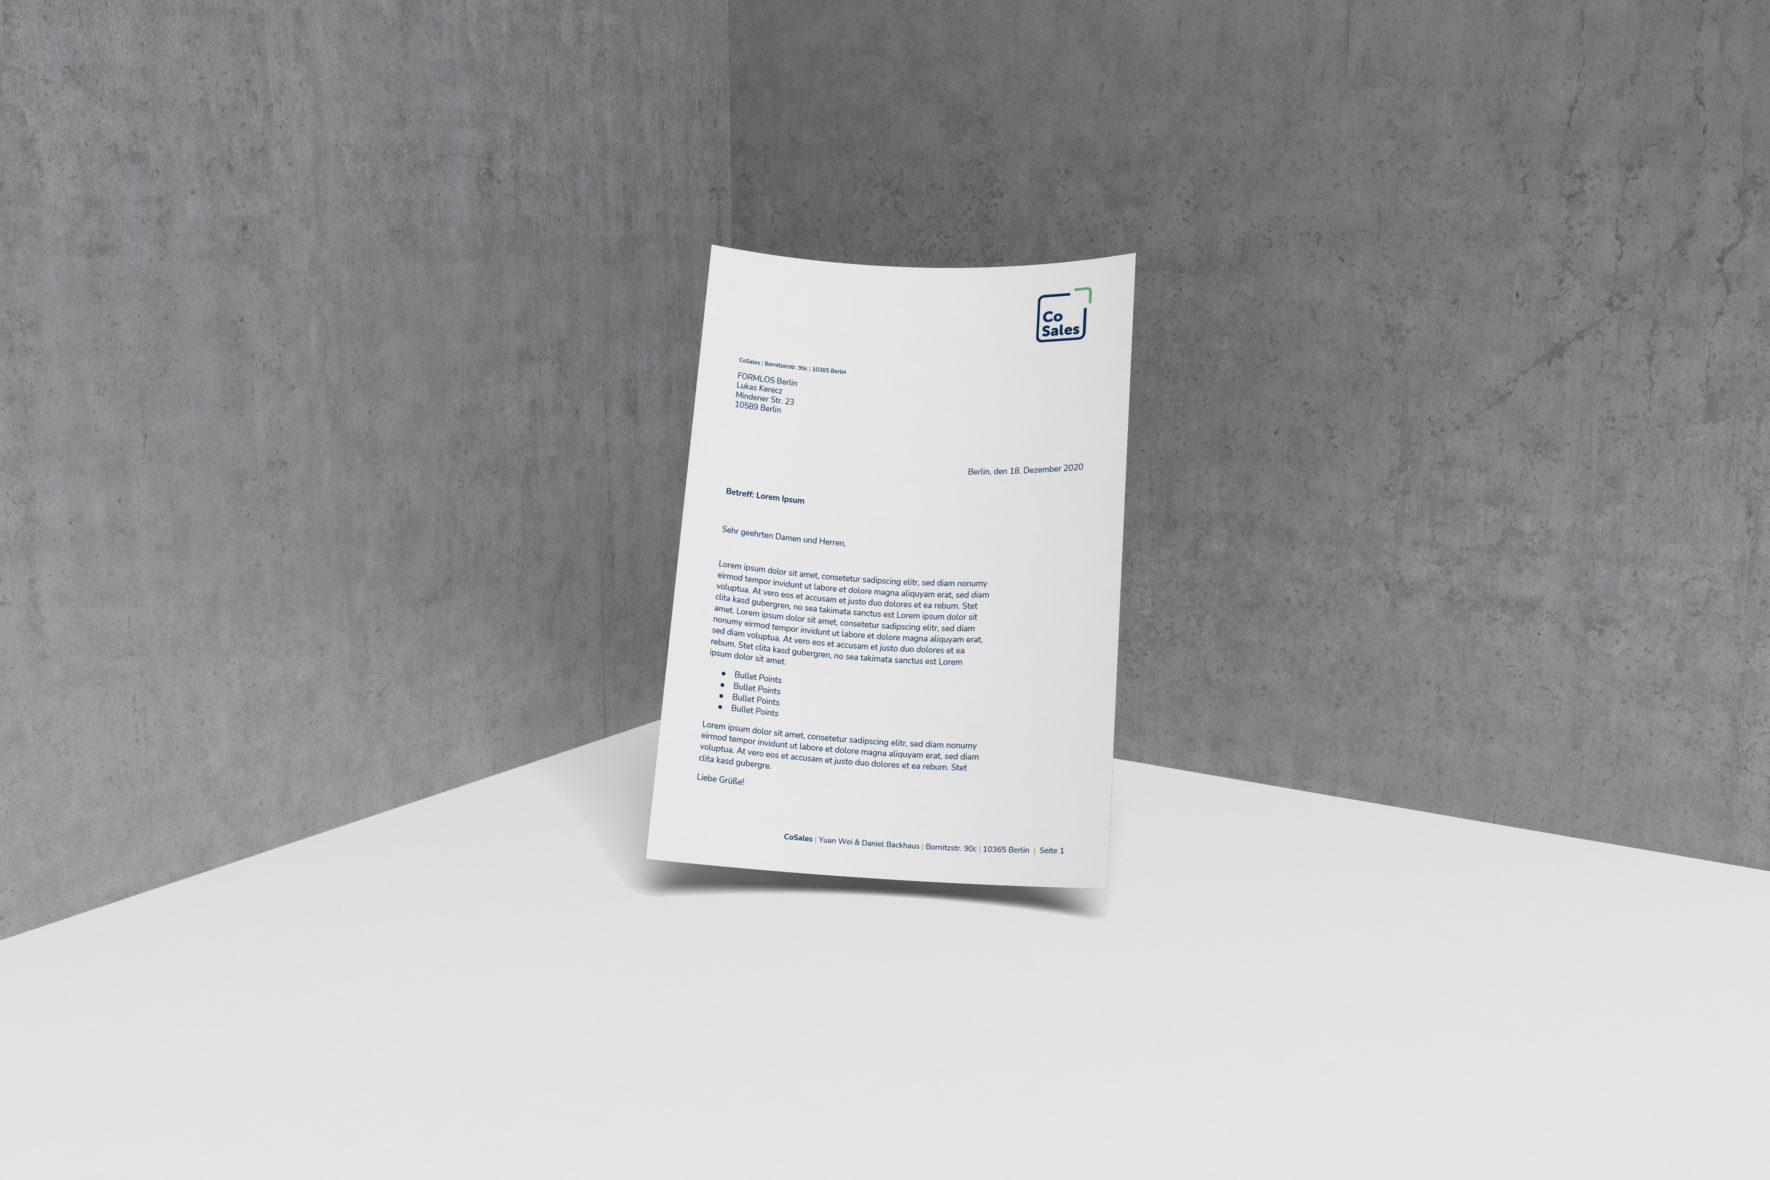 Briefpapier-CoSales-Corporate-Design-FORMLOS-Berlin-Gestaltung-Geschaeftsausstattung